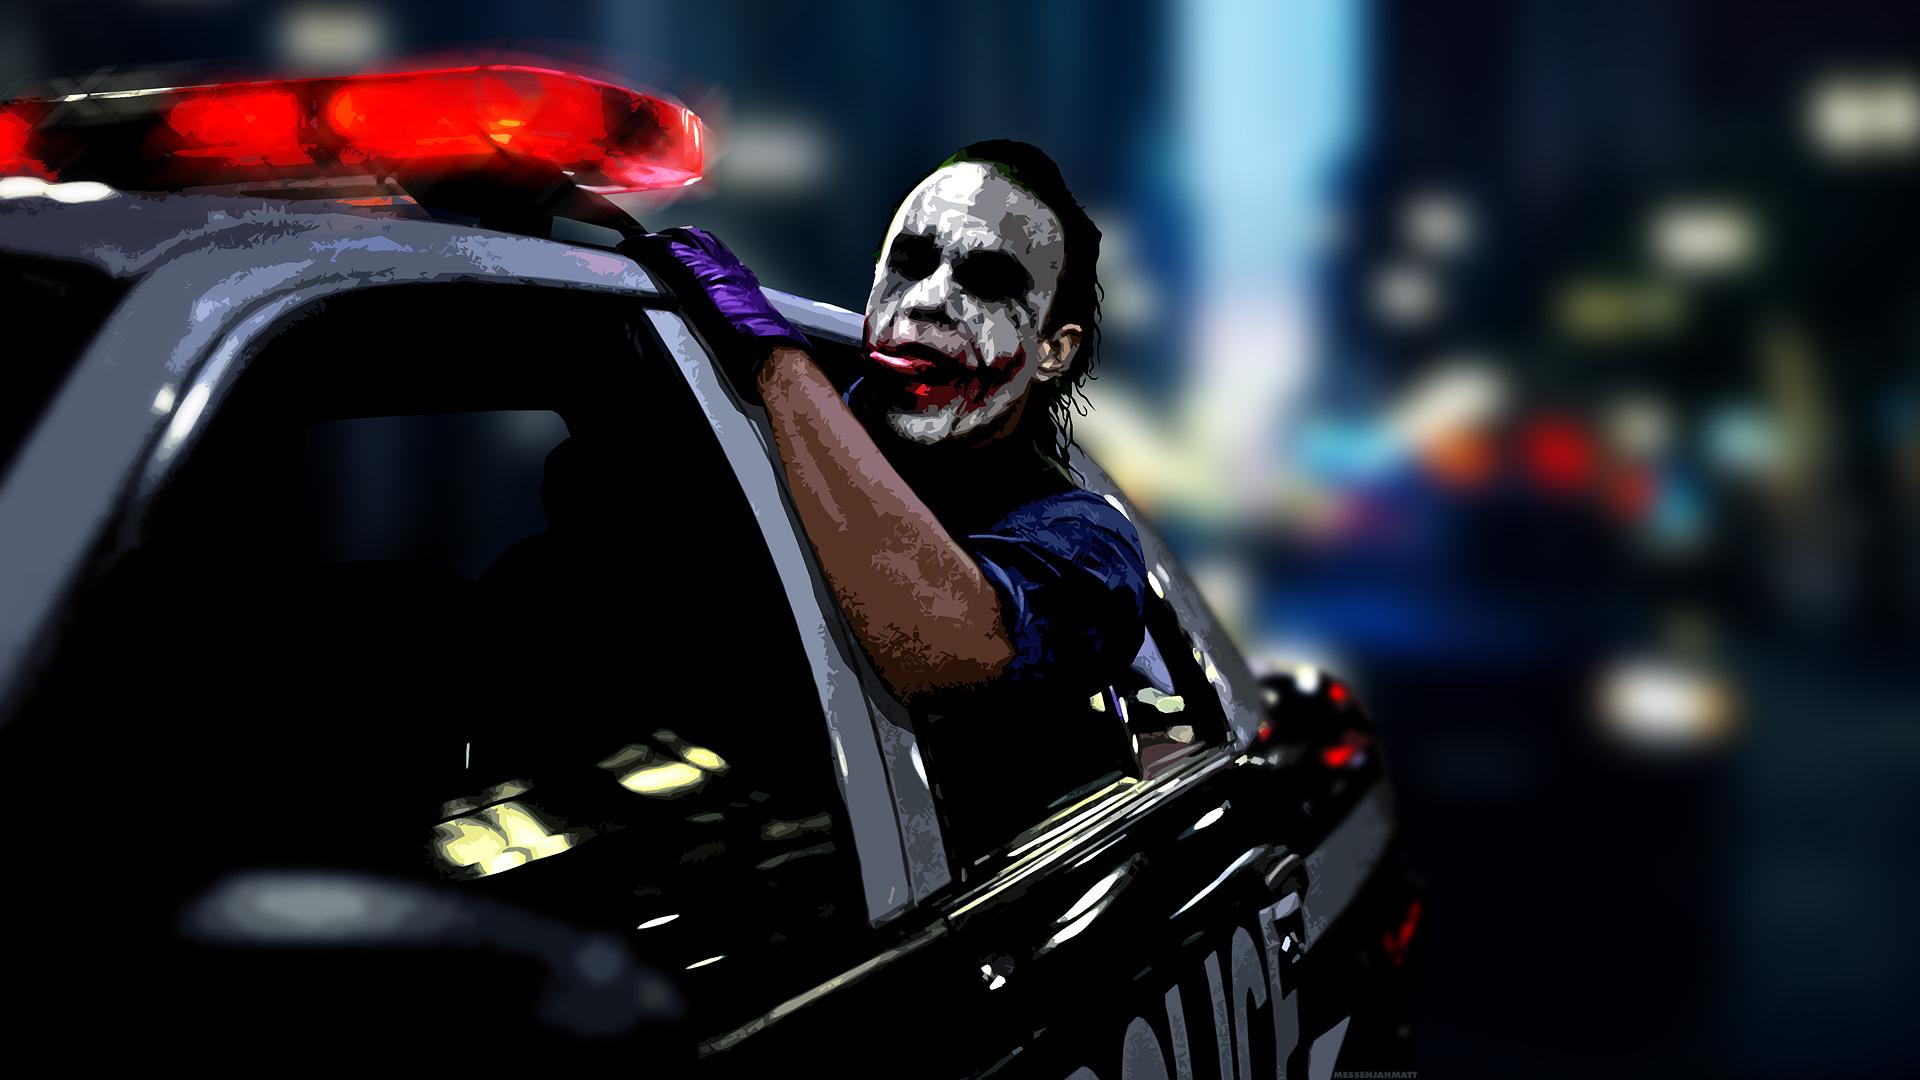 The Joker Wallpaper 1920x1080 The Joker Heath Ledger Police Cars 1920x1080